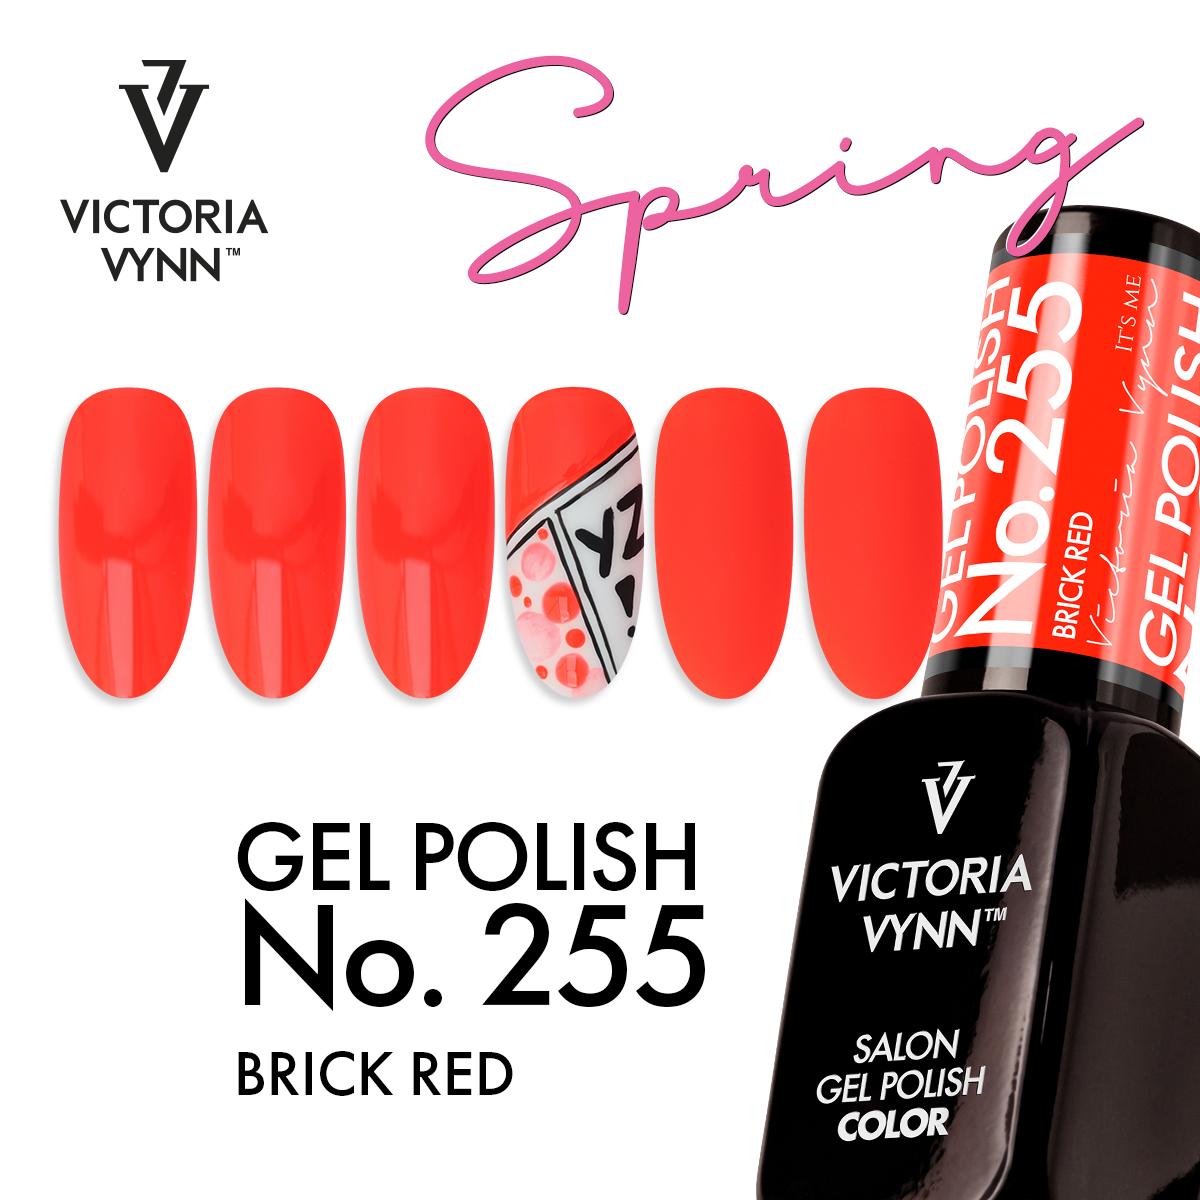 Victoria Vynn Polish Gel 255